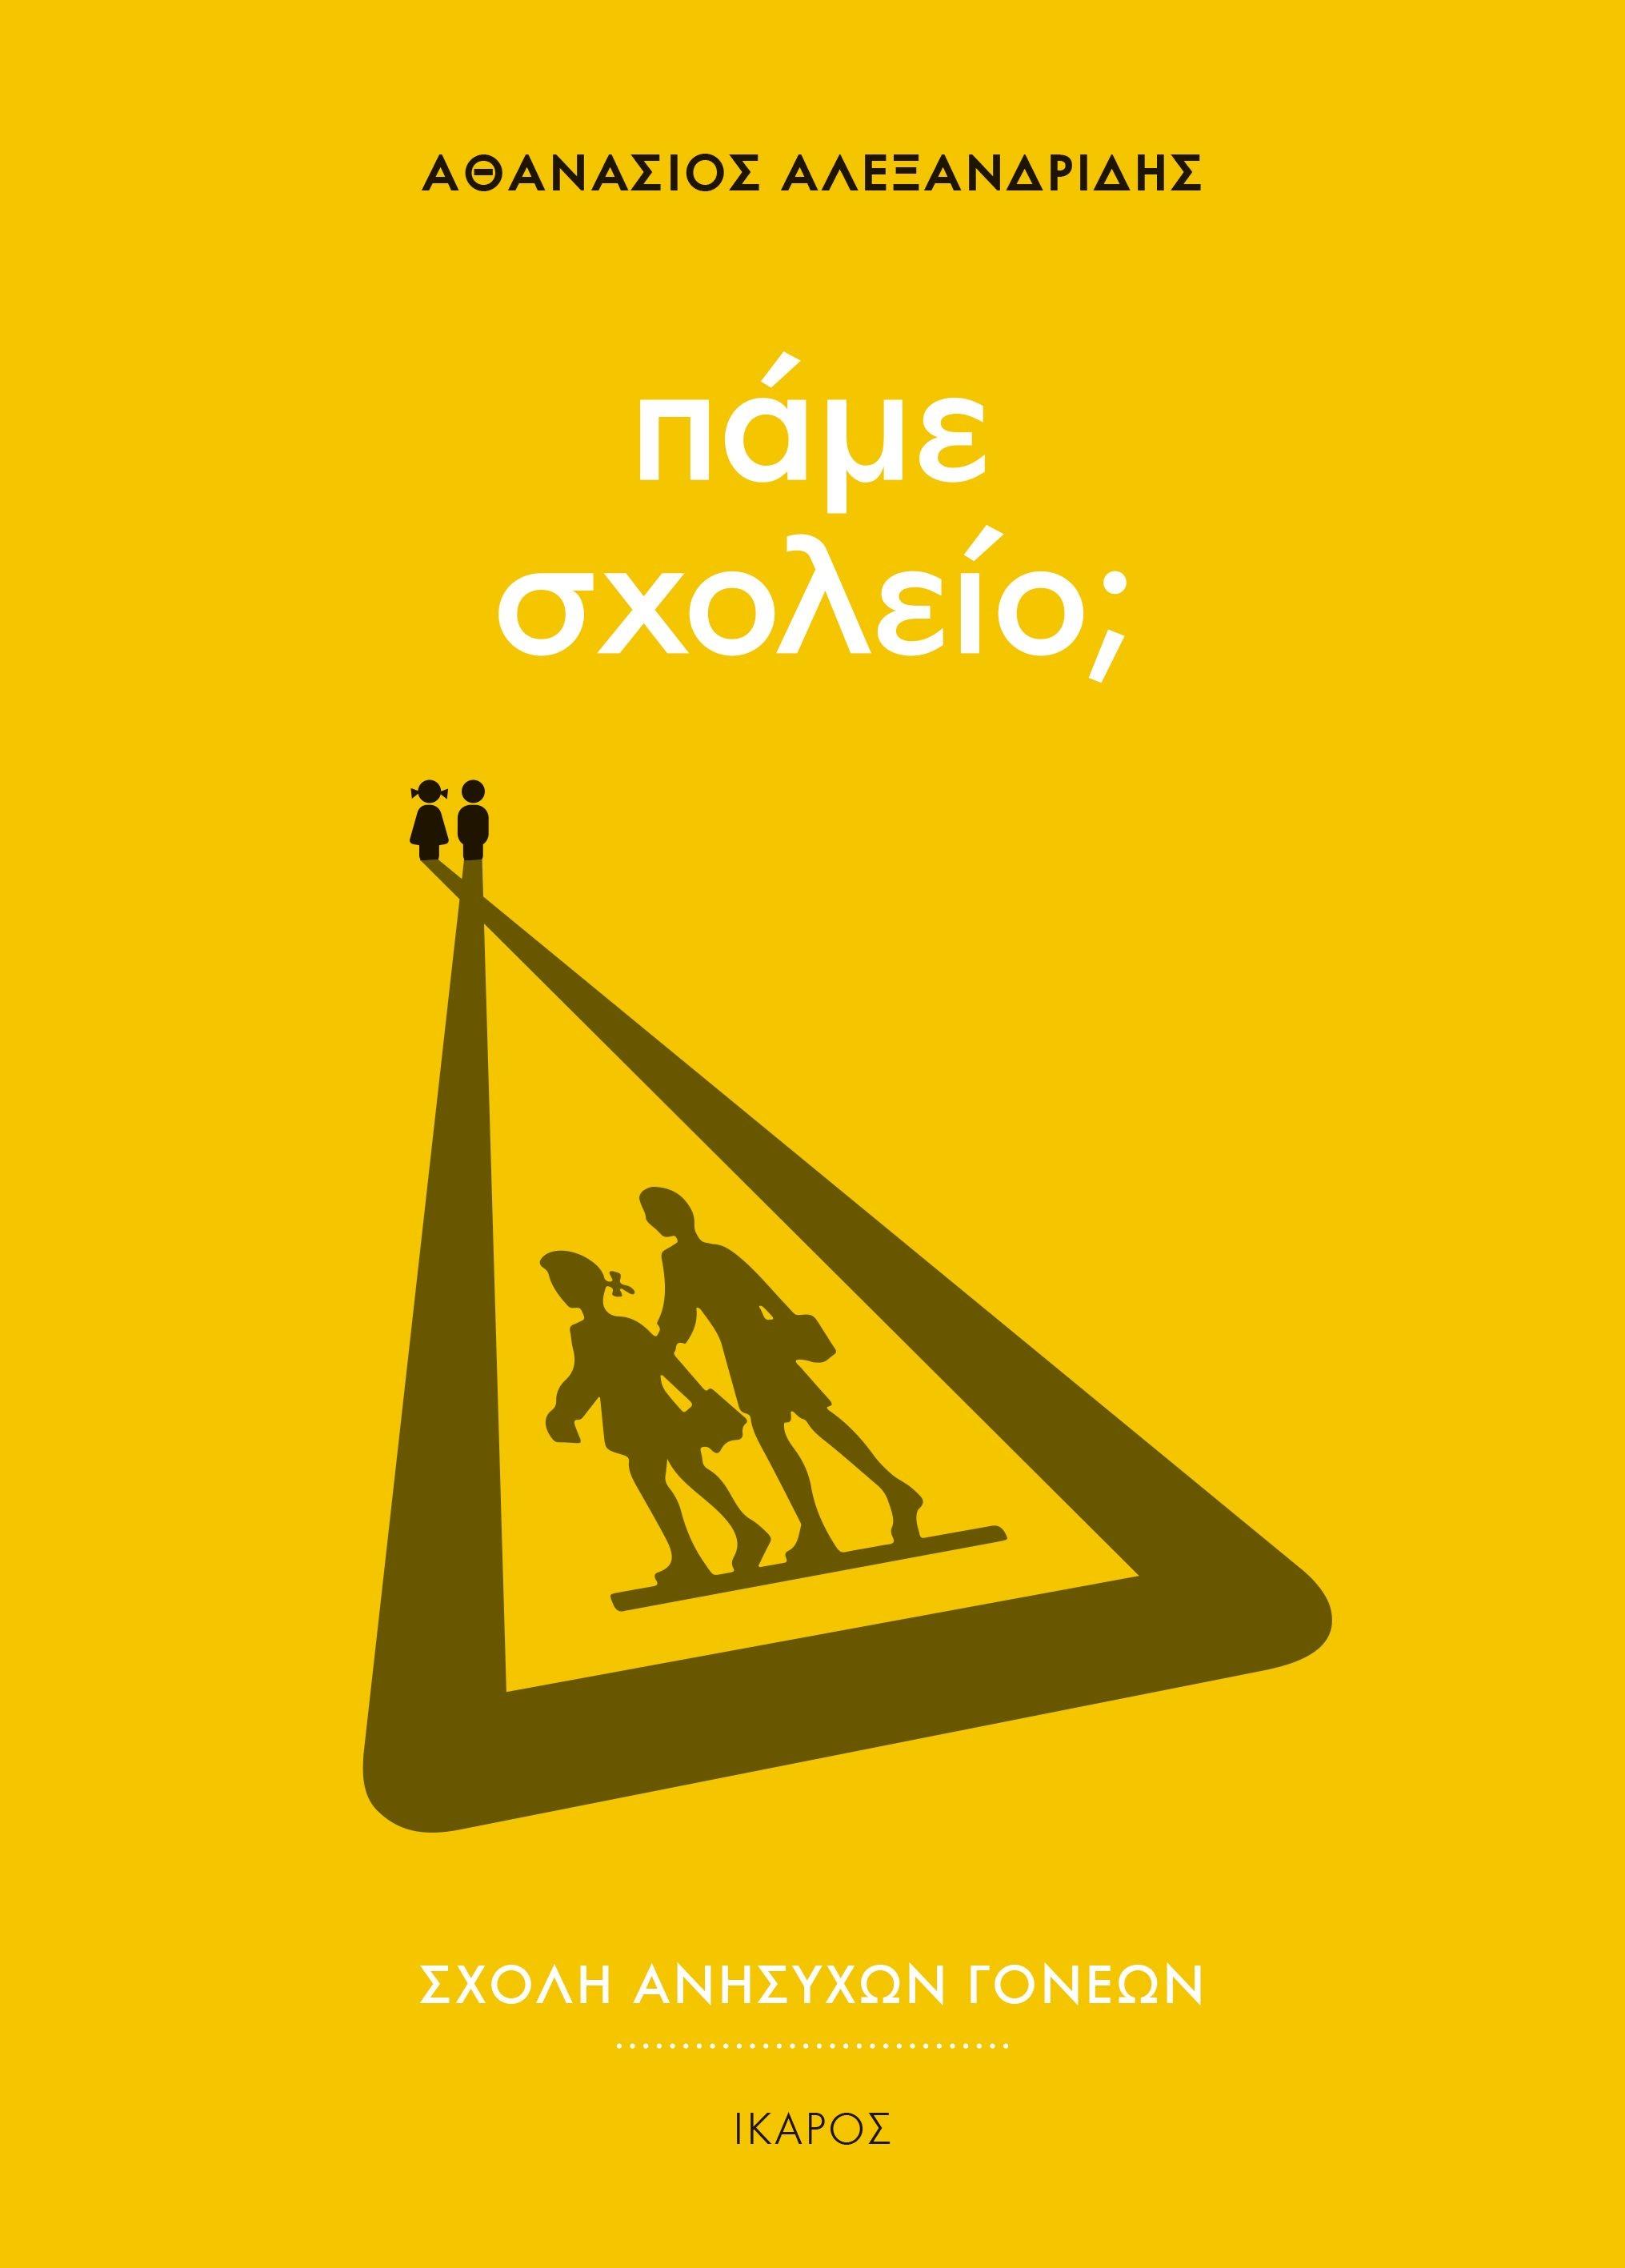 Πάμε σχολείο;, , Αλεξανδρίδης, Αθανάσιος, Ίκαρος, 2021